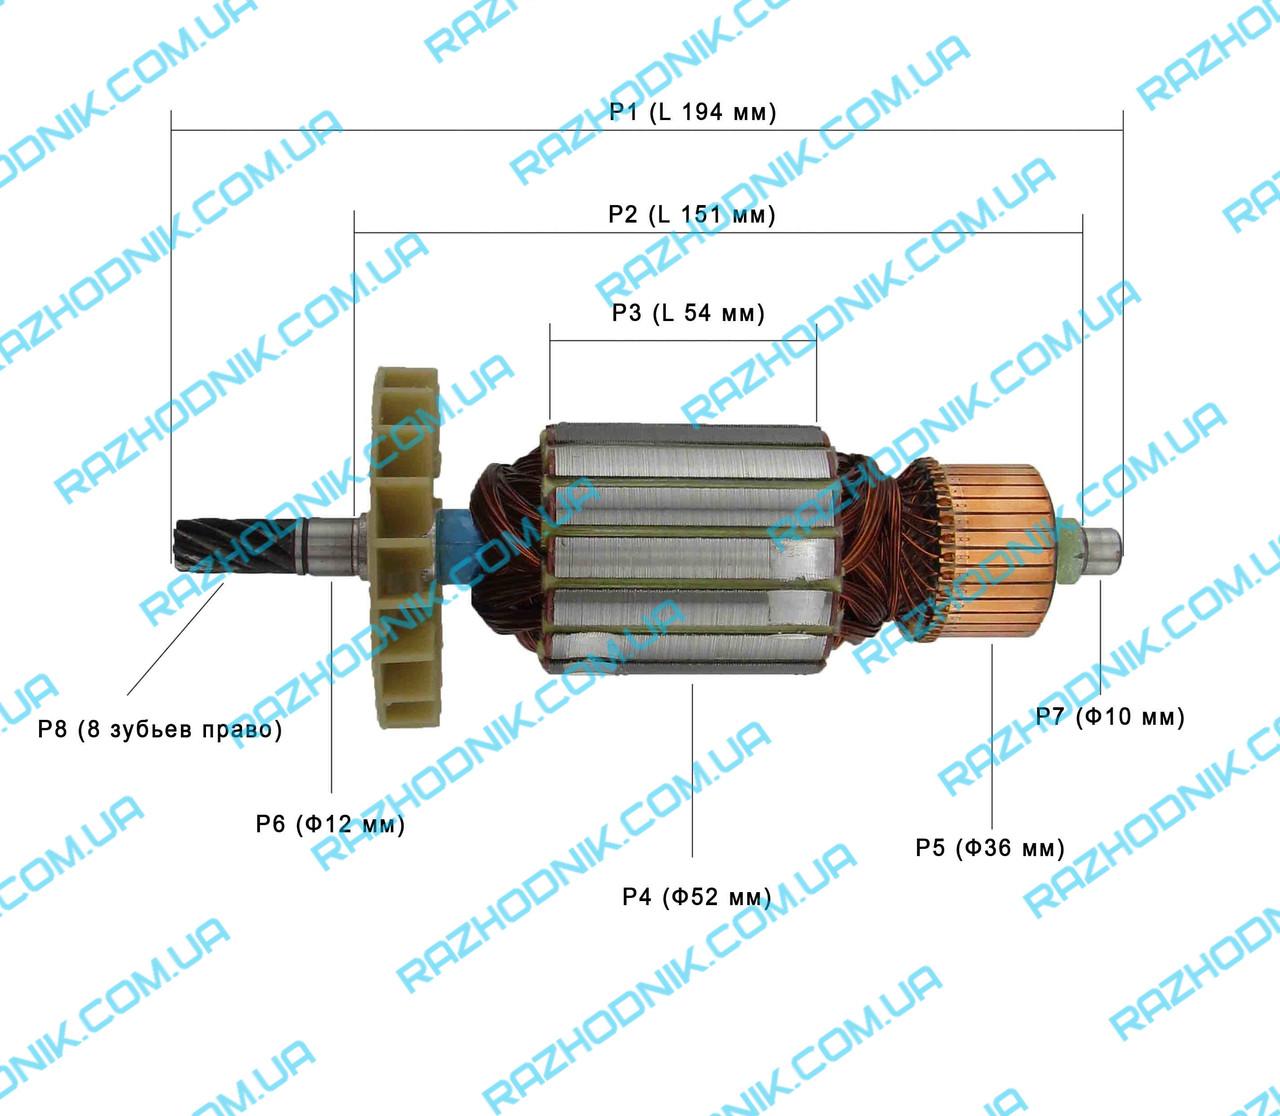 Якорь на дисковую пилу ВИТЯЗЬ ПД-2200/Forte CS 200 TS